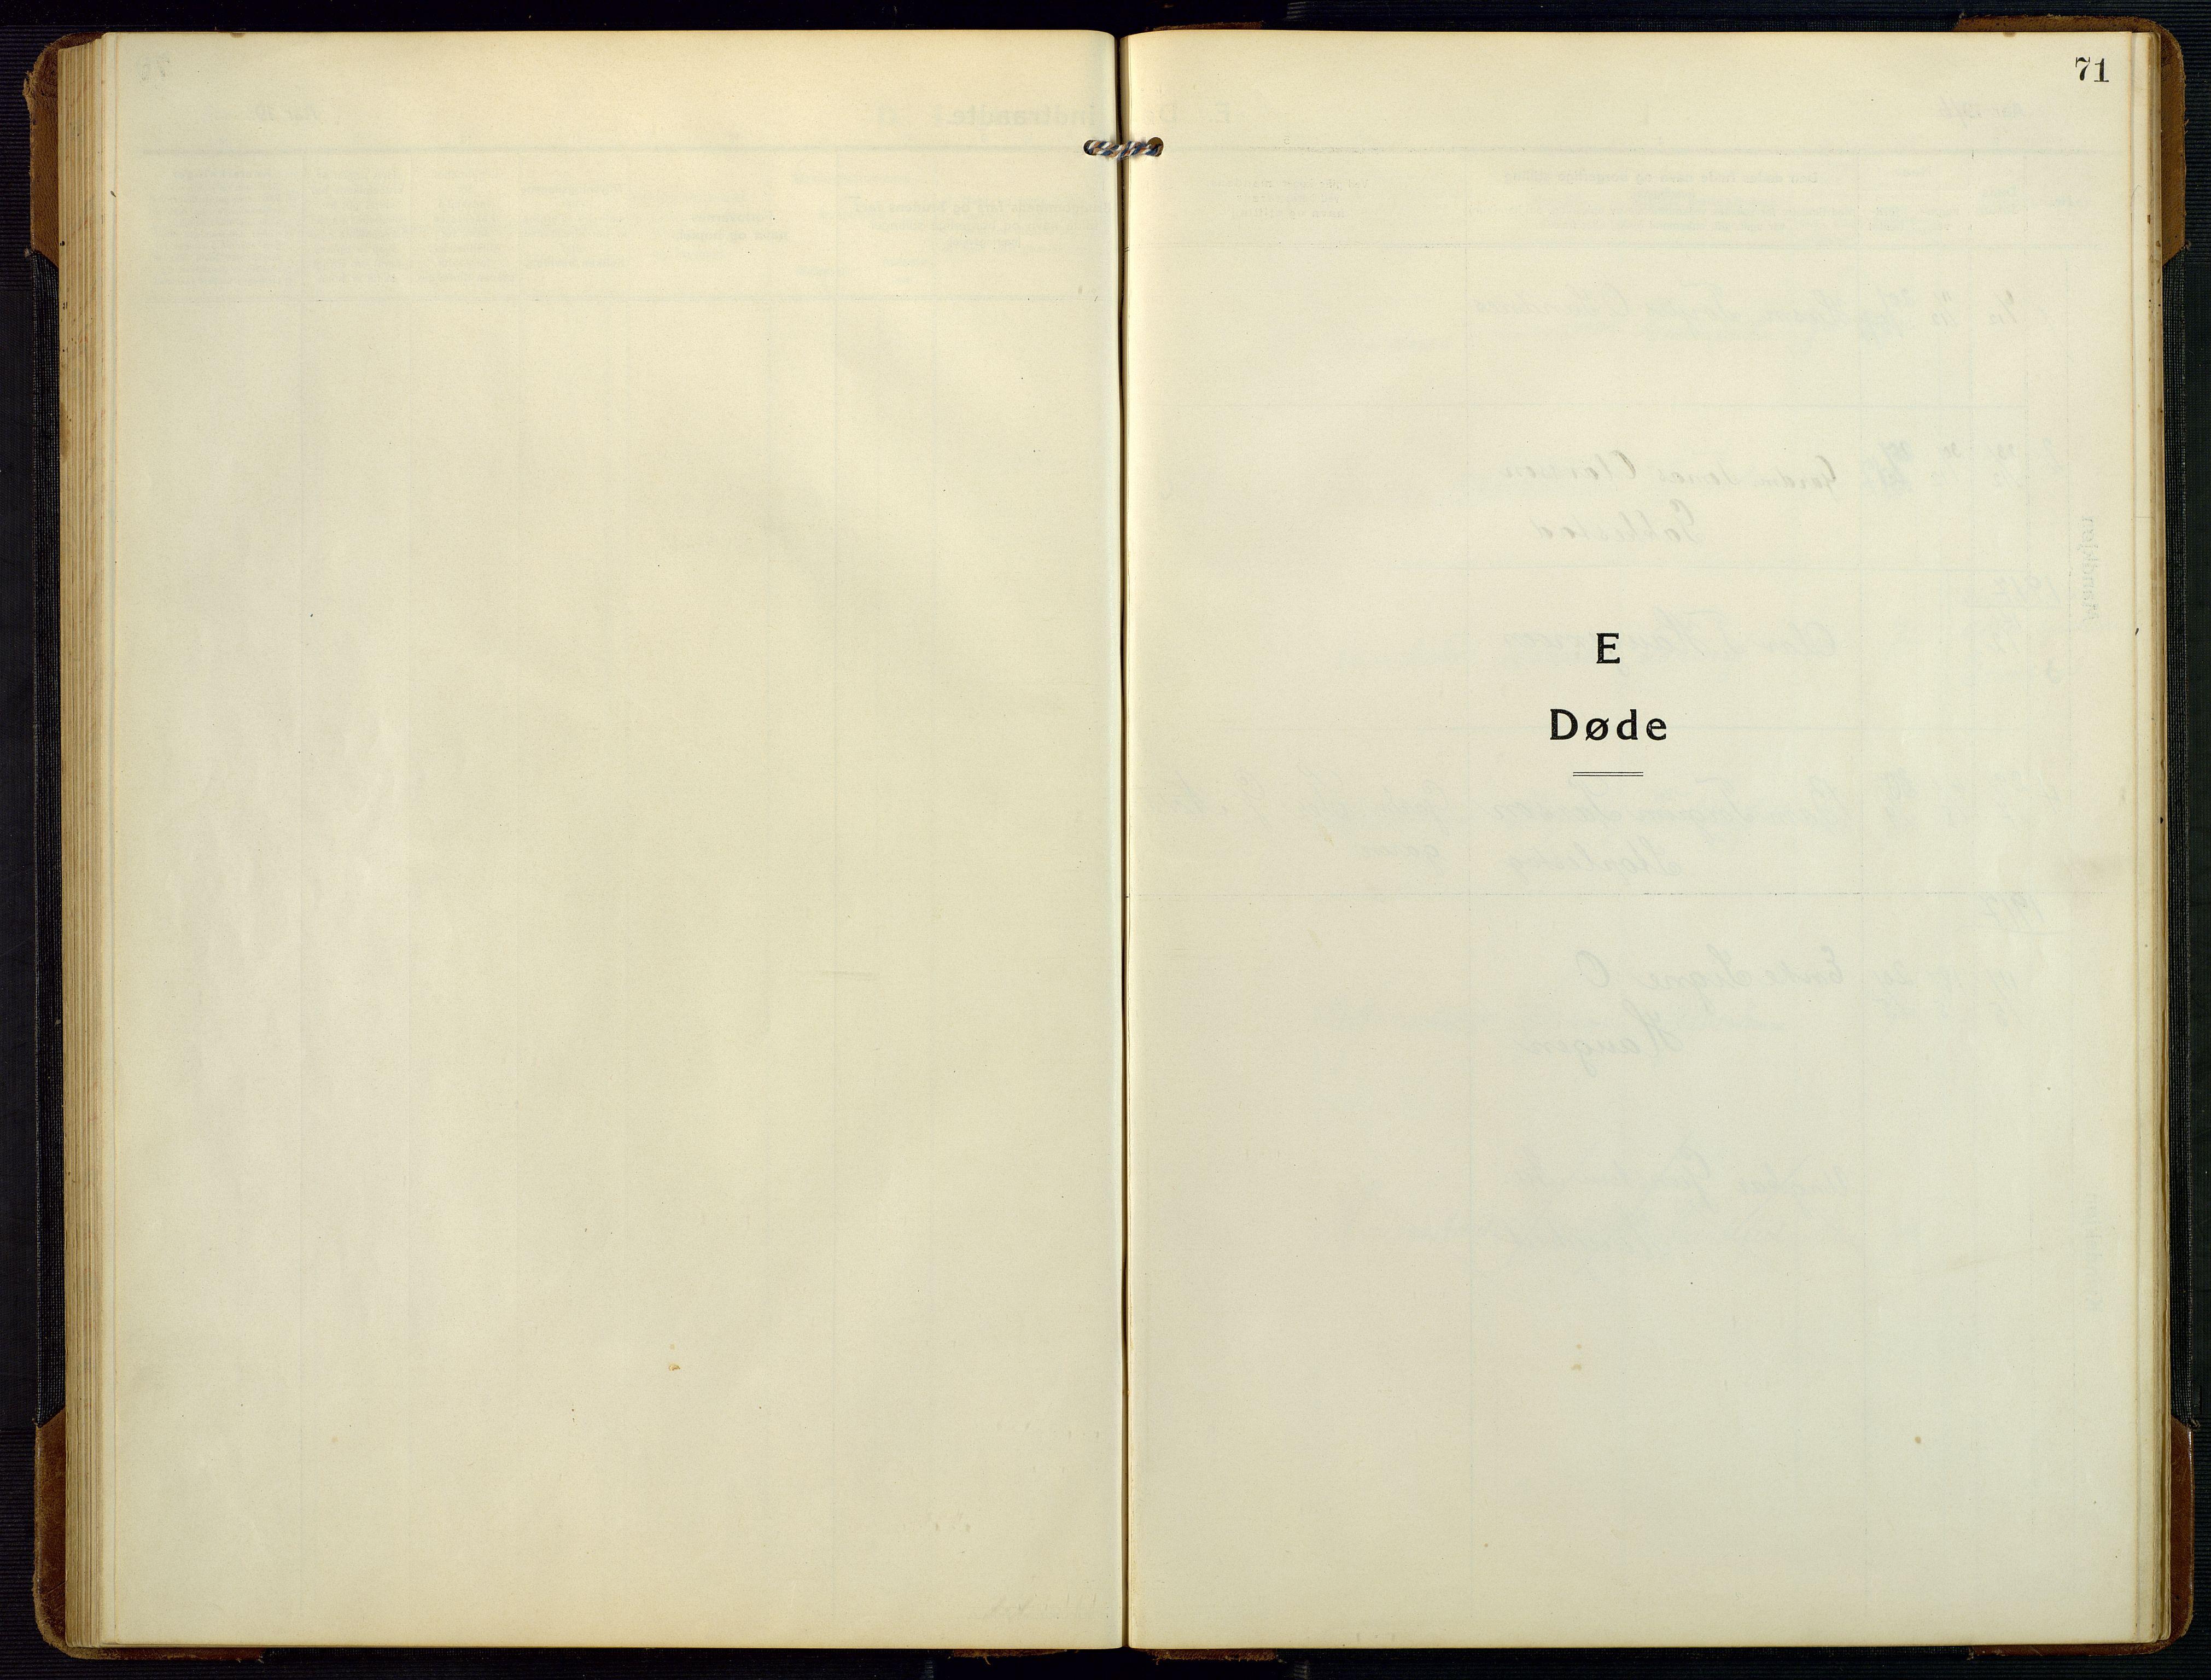 SAK, Bygland sokneprestkontor, F/Fb/Fbc/L0003: Klokkerbok nr. B 3, 1916-1975, s. 71